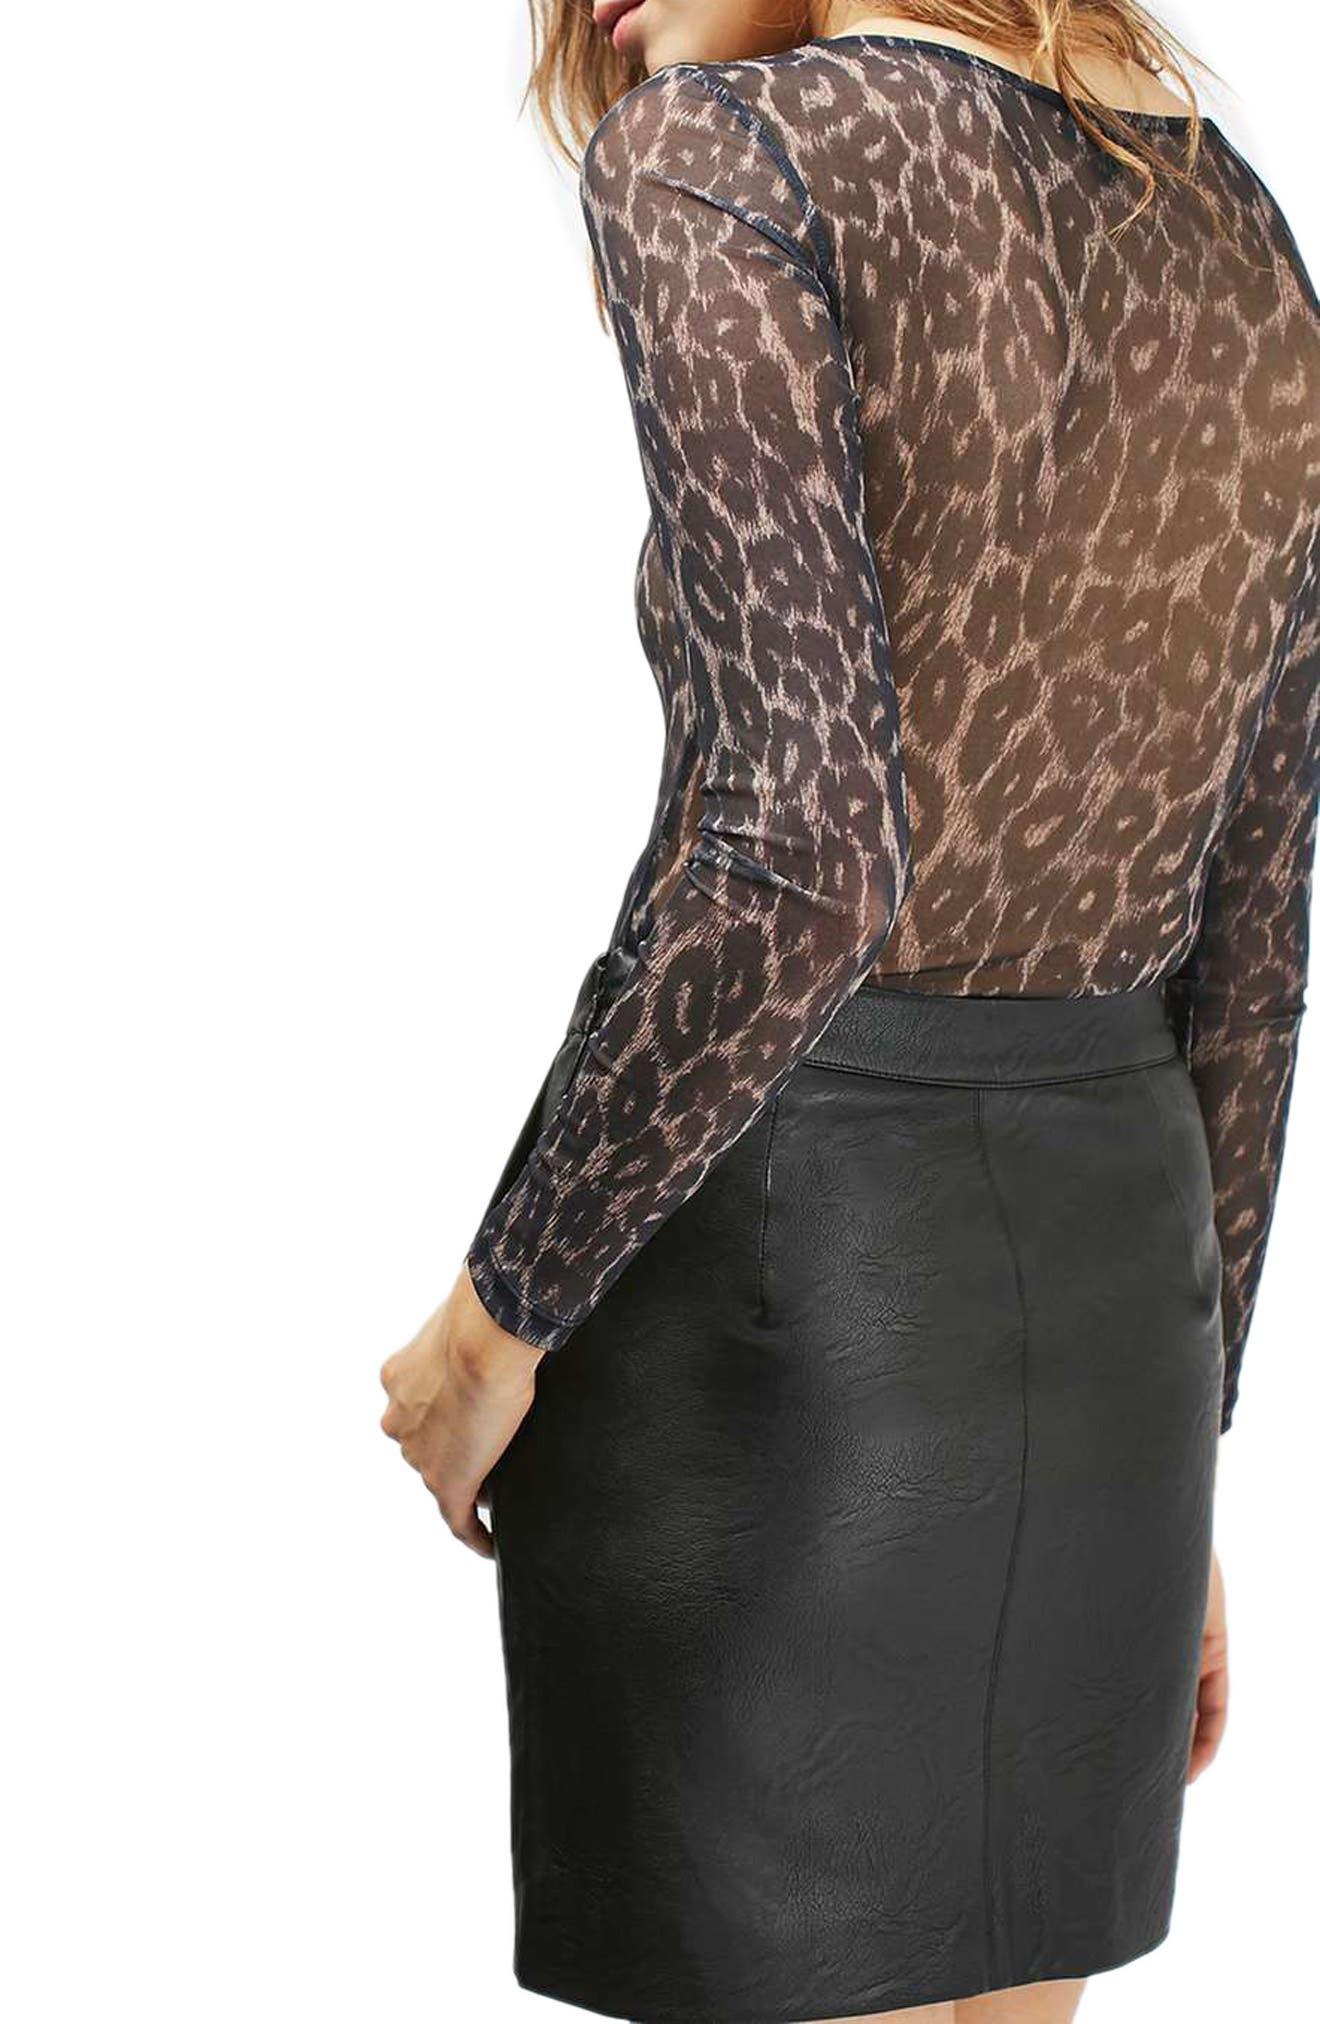 TOPSHOP, Faux Leather Pencil Skirt, Alternate thumbnail 2, color, 001